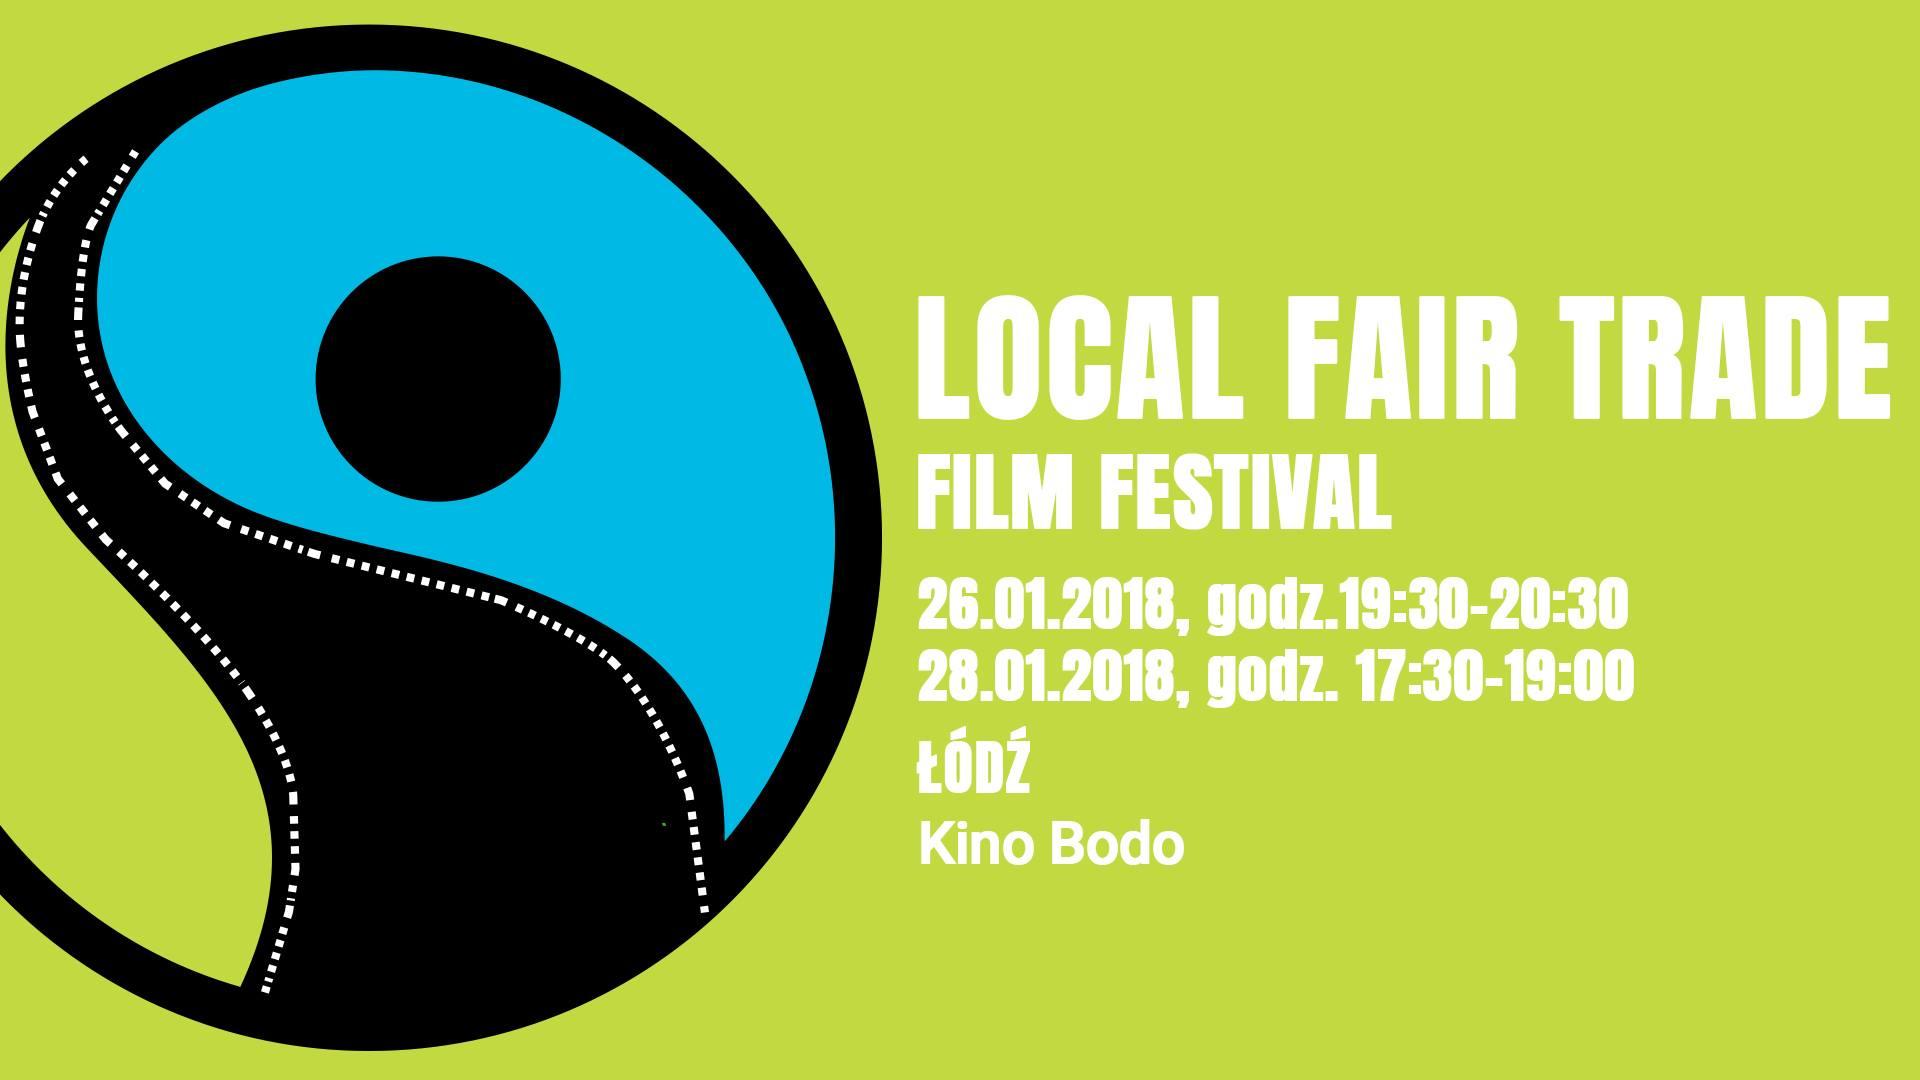 localfair